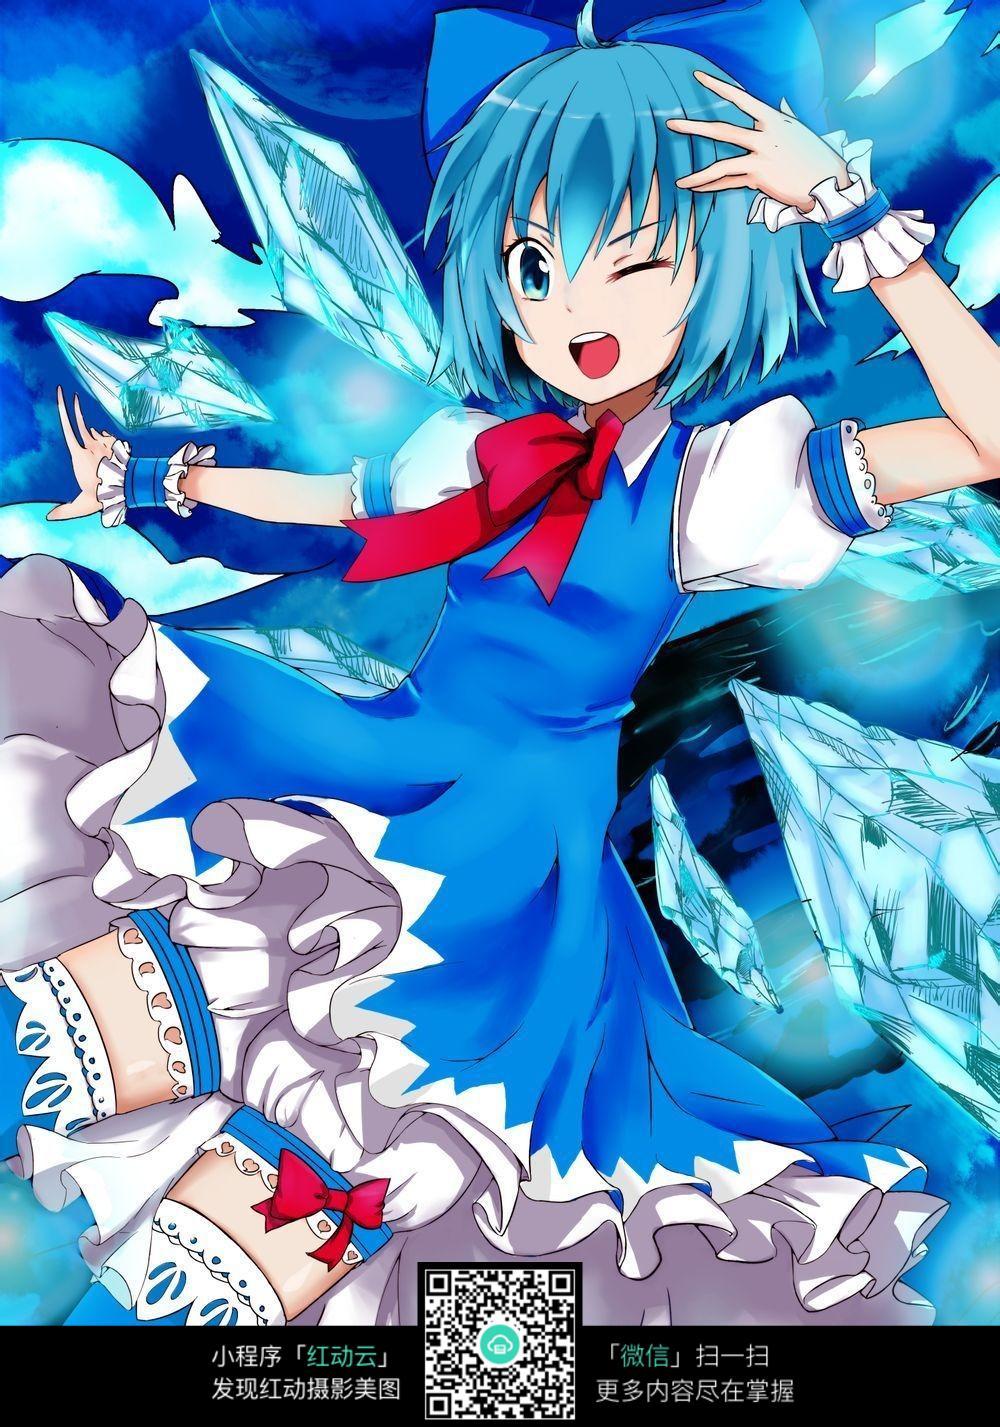 蓝色裙子的卡通动漫女孩图片